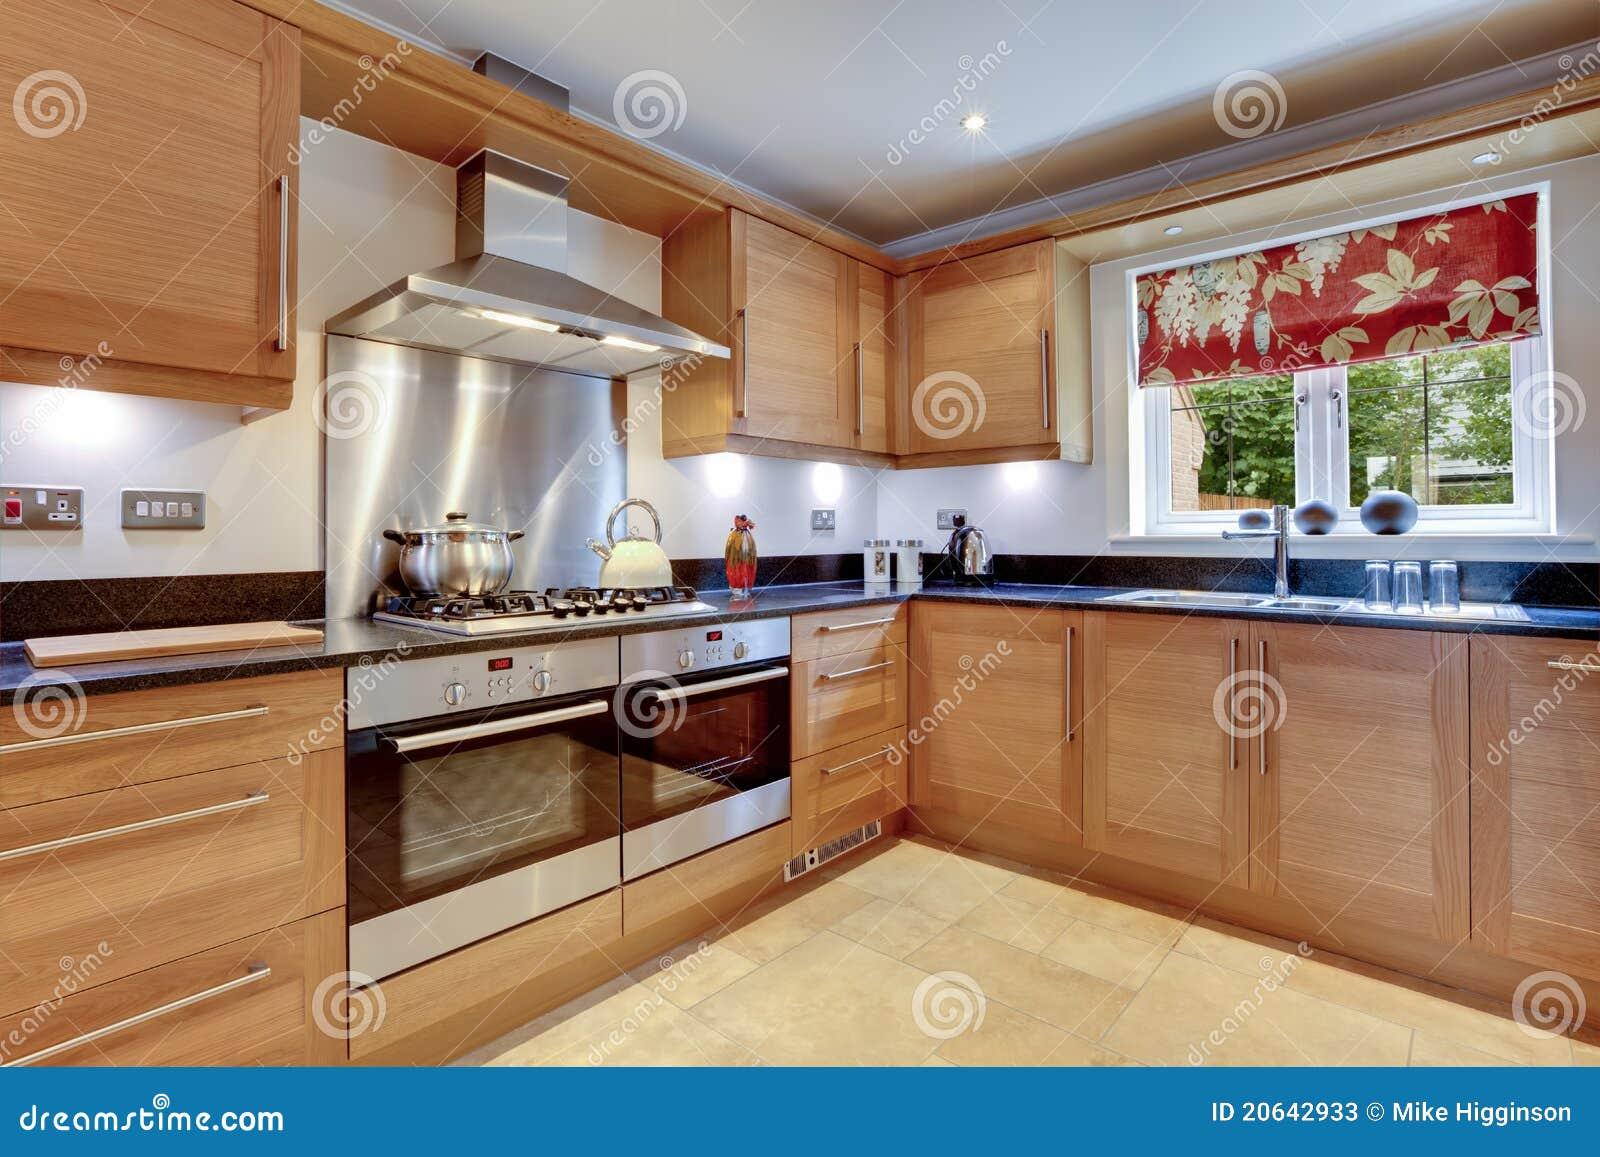 De moderne keuken van de luxe stock foto 39 s afbeelding 20642933 - Fotos moderne keuken ...